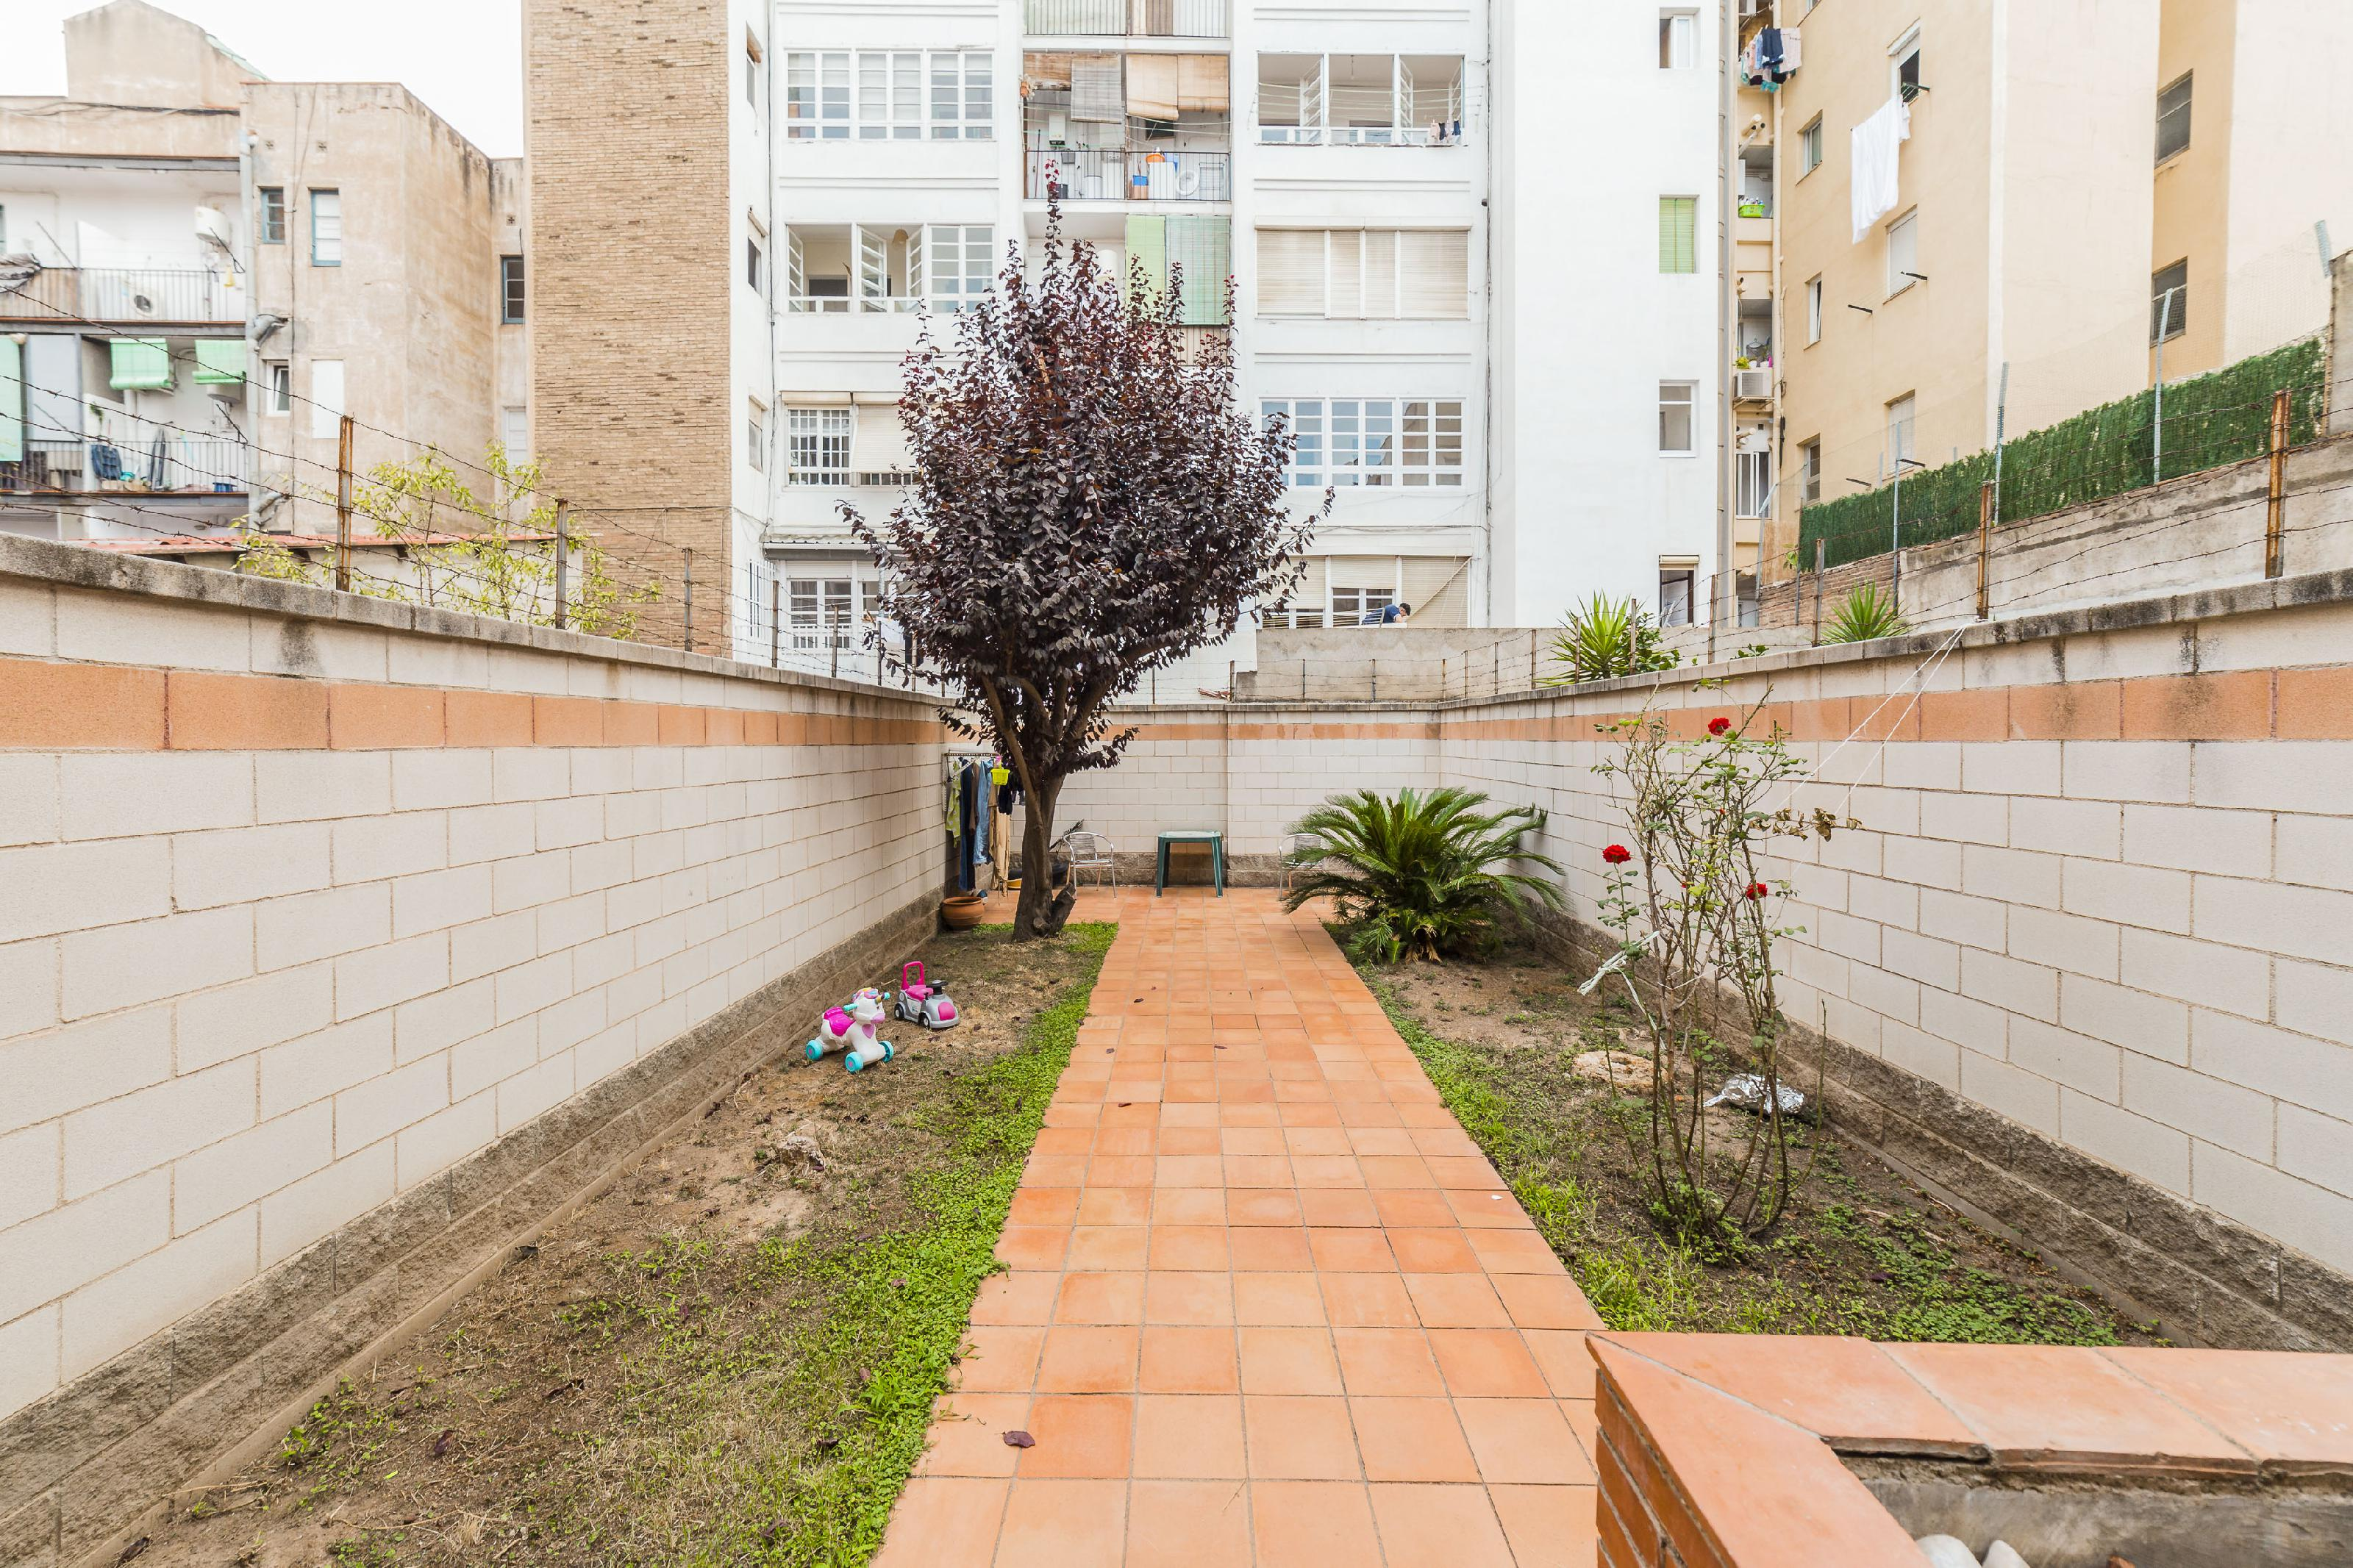 172964 Casa Pareada en venda en Gràcia, Vila de Gràcia 20